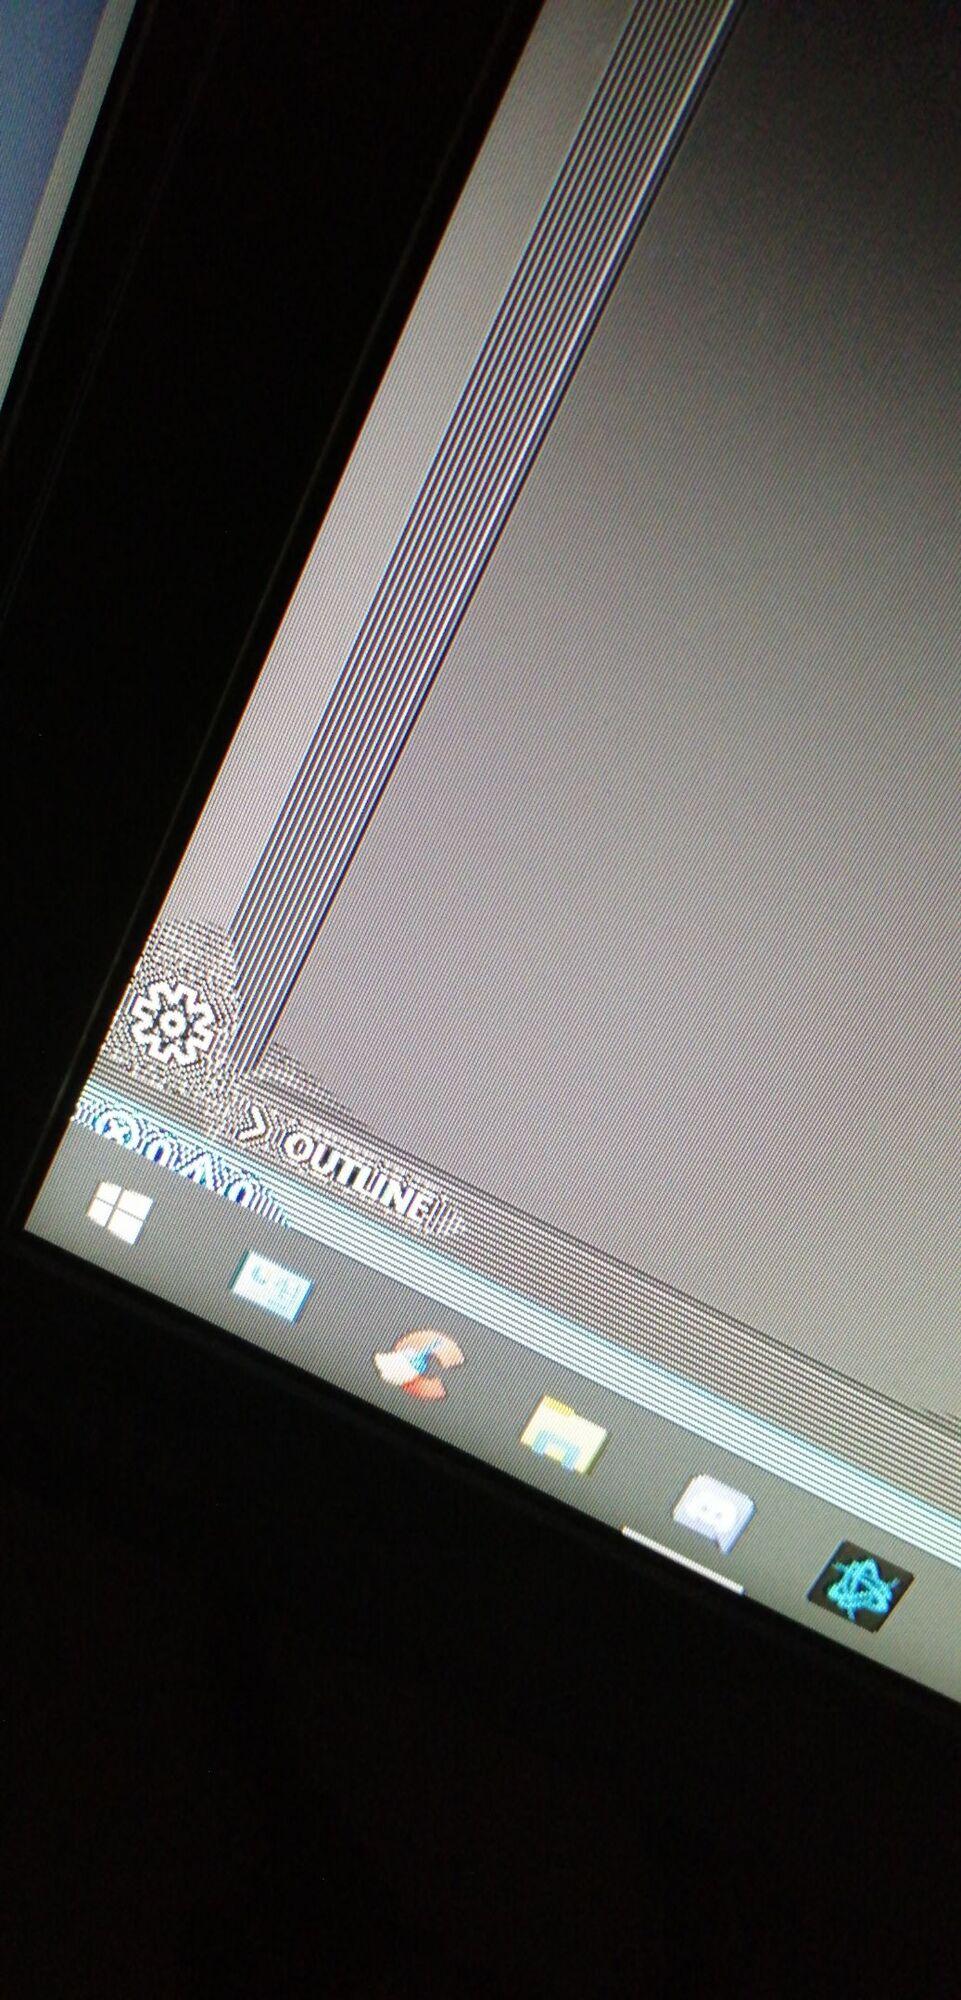 Weird Visual Pixel Glitch on certain apps a346868a-8d08-4a9a-a904-3f0fc1f0f9f0?upload=true.jpg